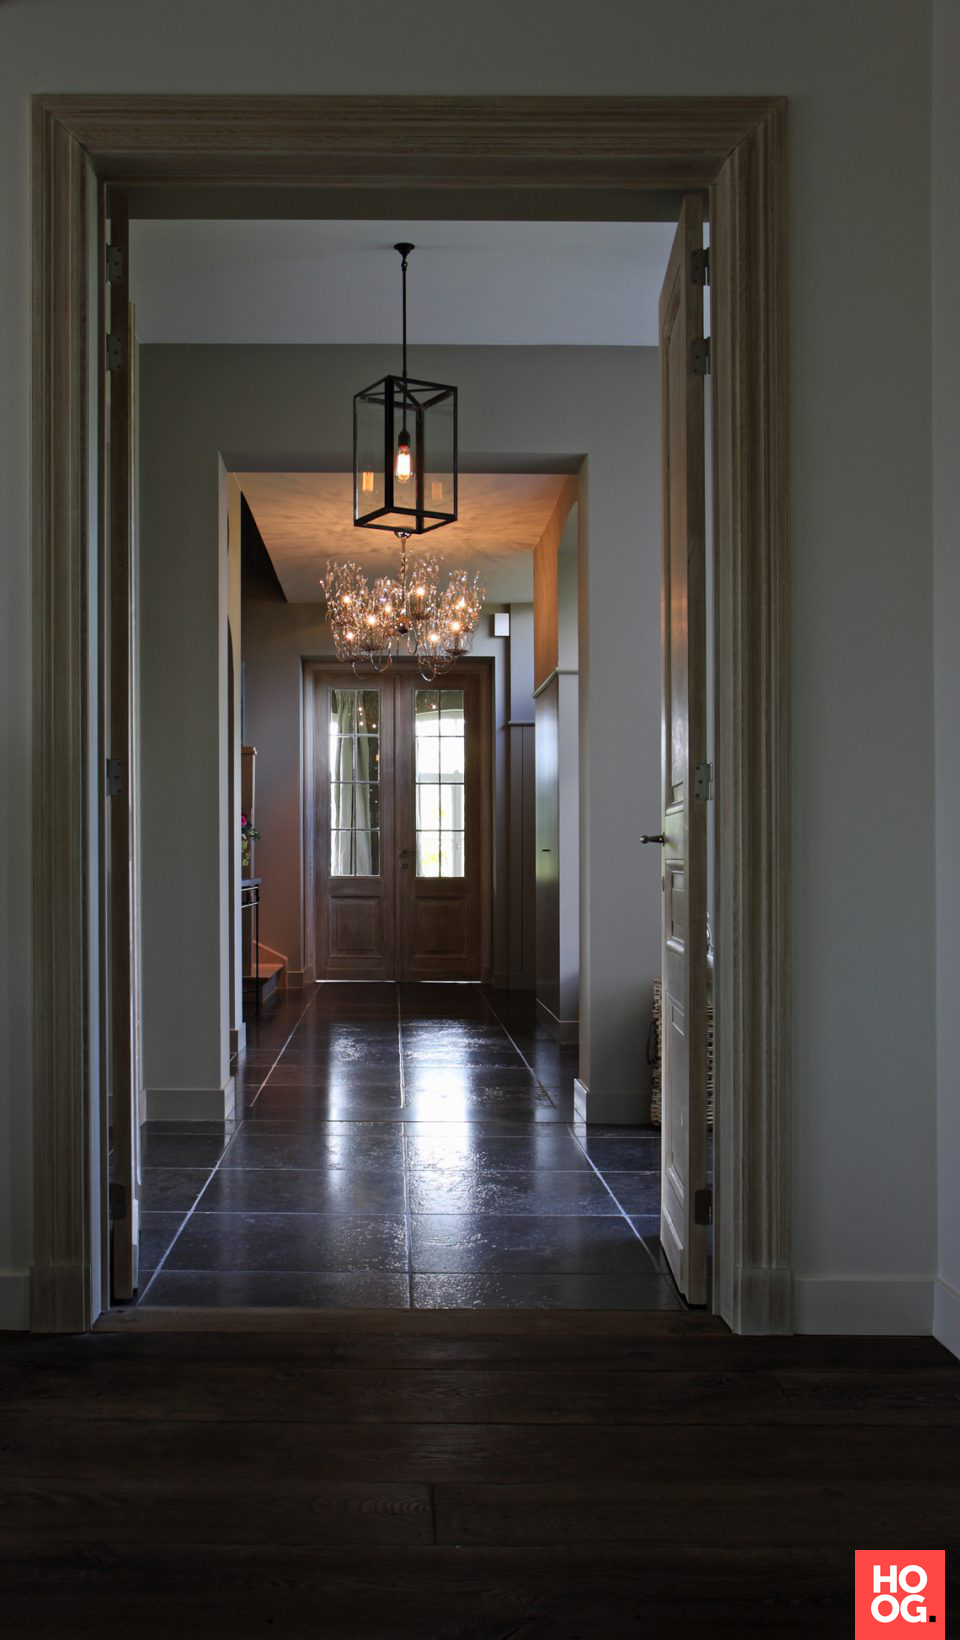 Hal landelijke stijl hal inrichting interieur for Landelijke inrichting huis